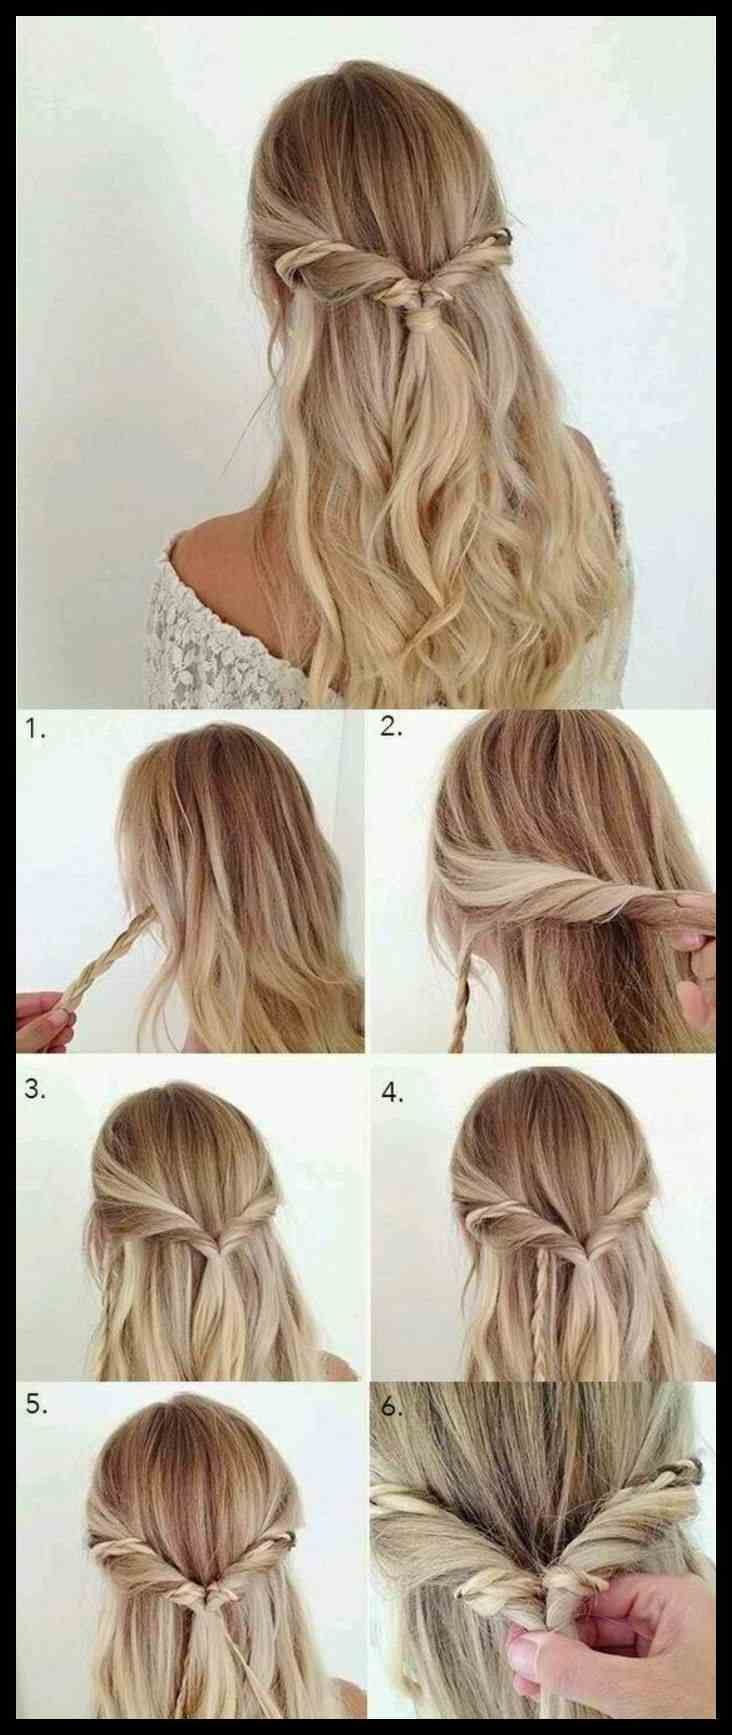 Einfache Frisuren Fur Langes Haar Schones Haar Sweens Schick Frisuren Frauen Lange Haare Einfache Frisuren Fur Langes Haar Geflochtene Frisuren